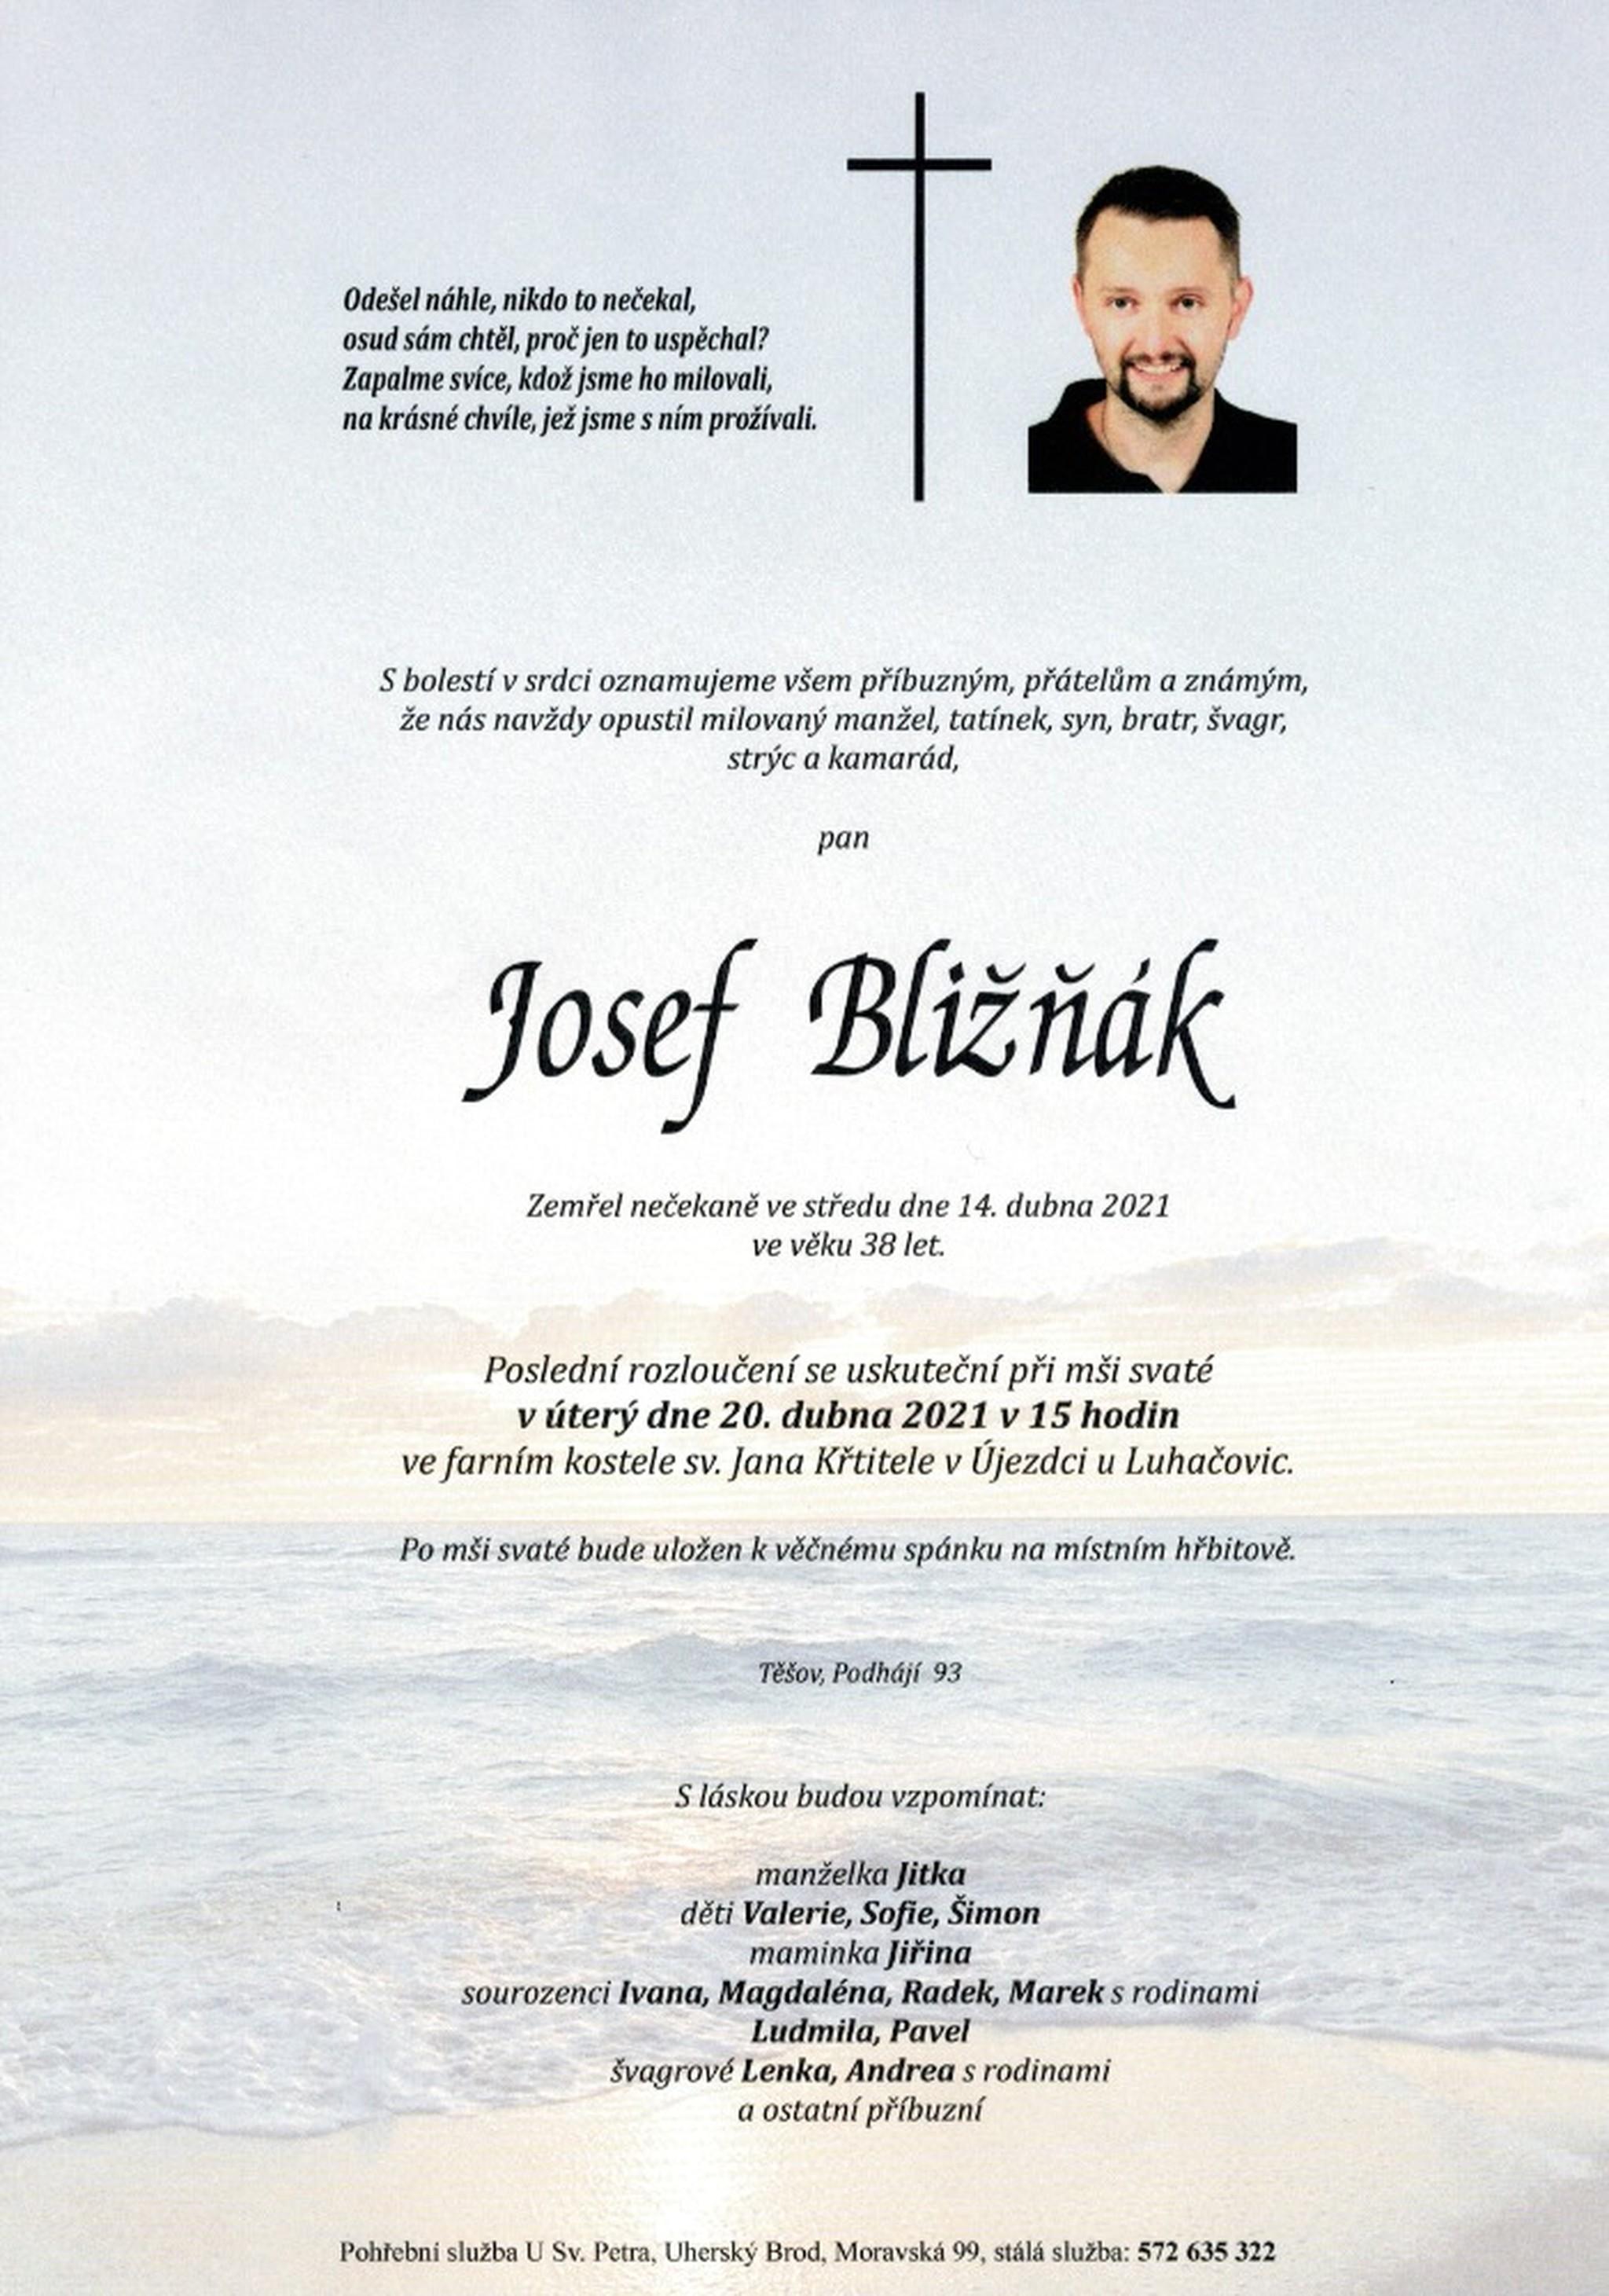 Josef Bližňák